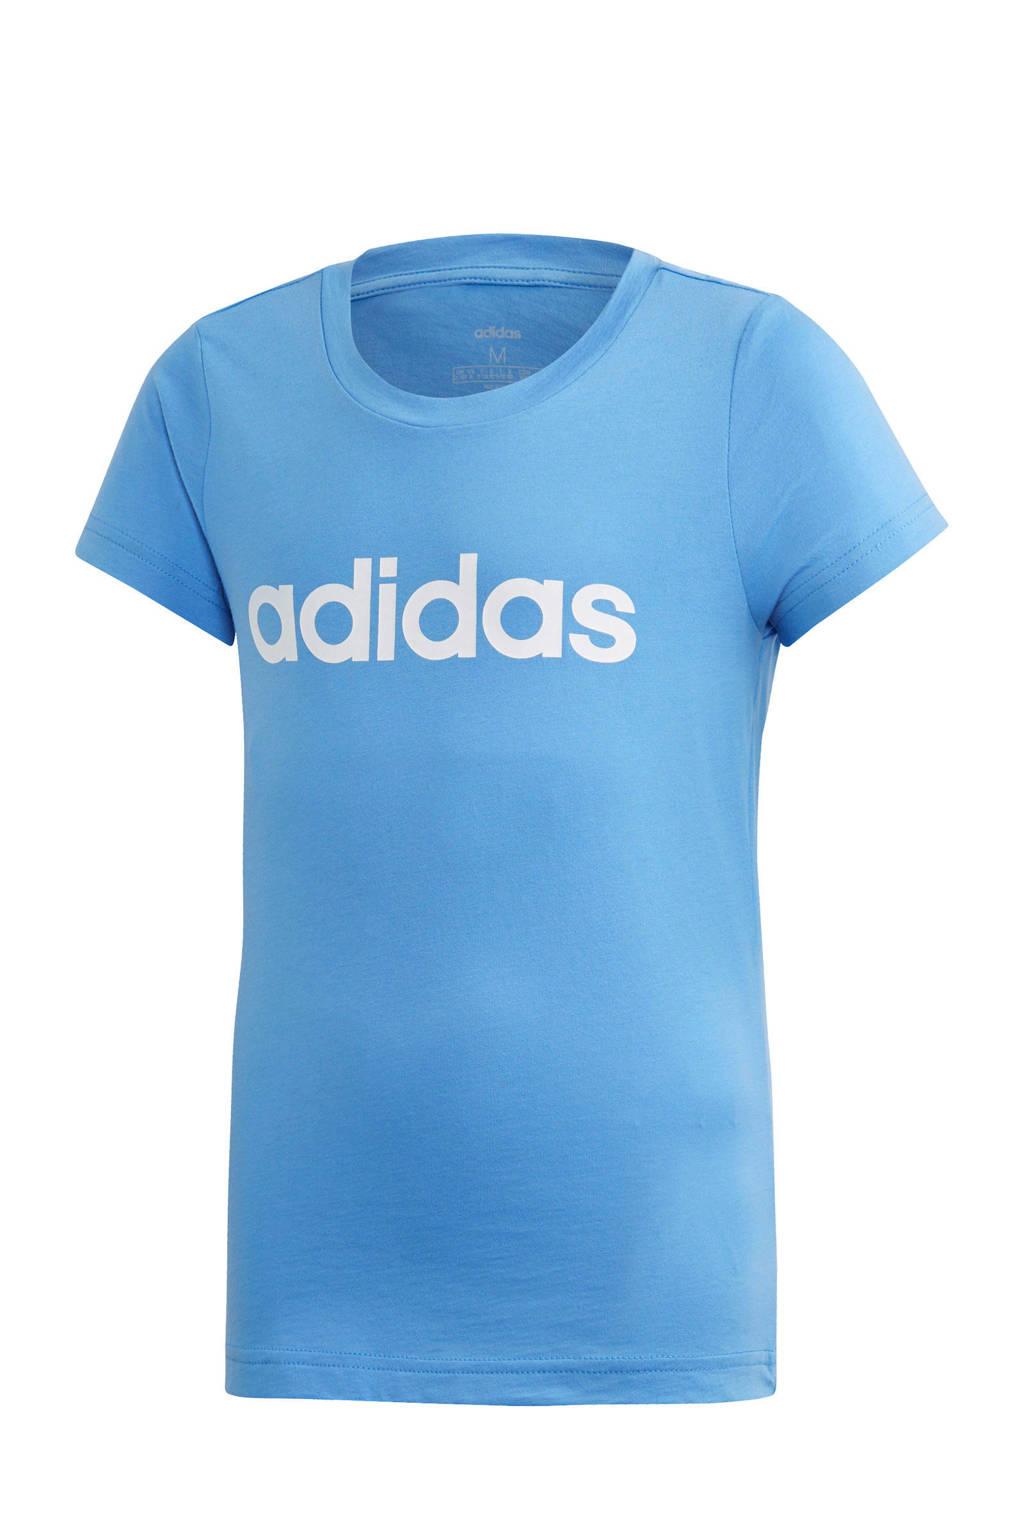 adidas sport T-shirt lichtblauw, Lichtblauw/wit